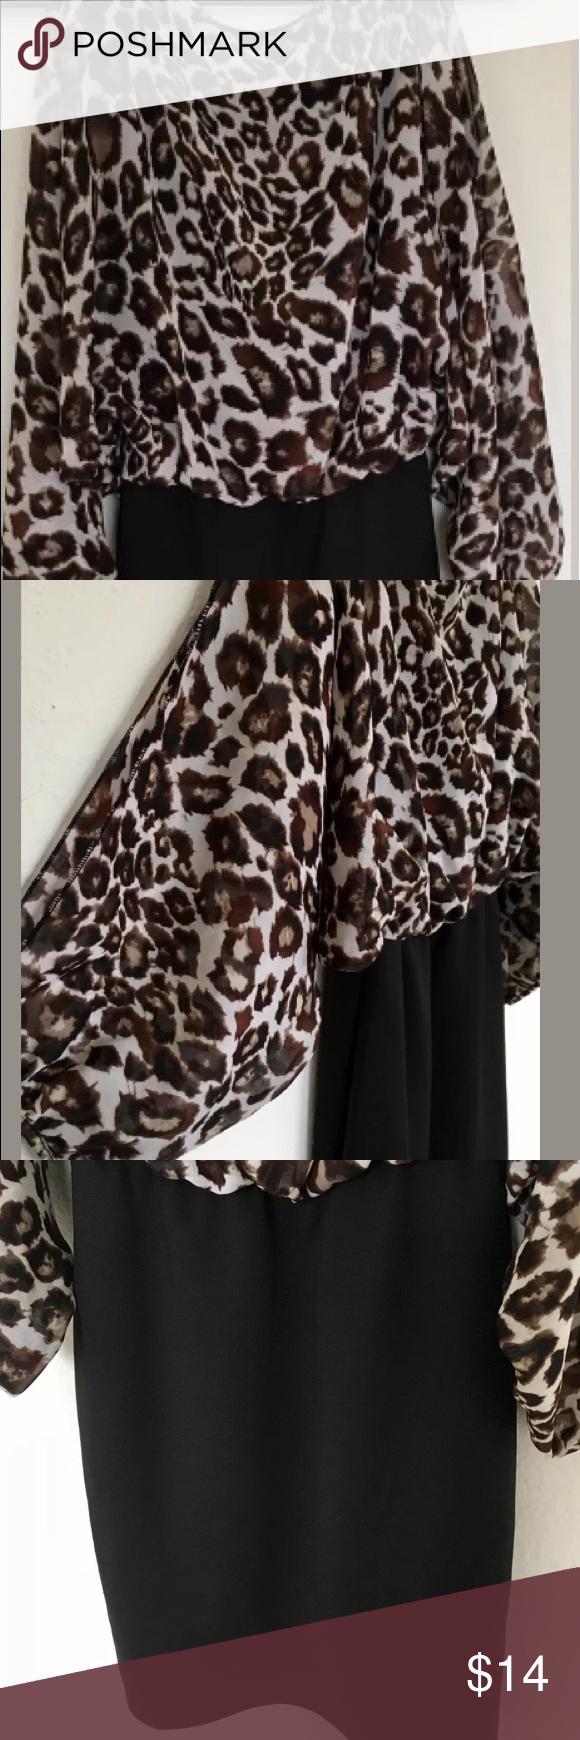 Emerald sundae cheetah print mini dress juniors s cheetah print